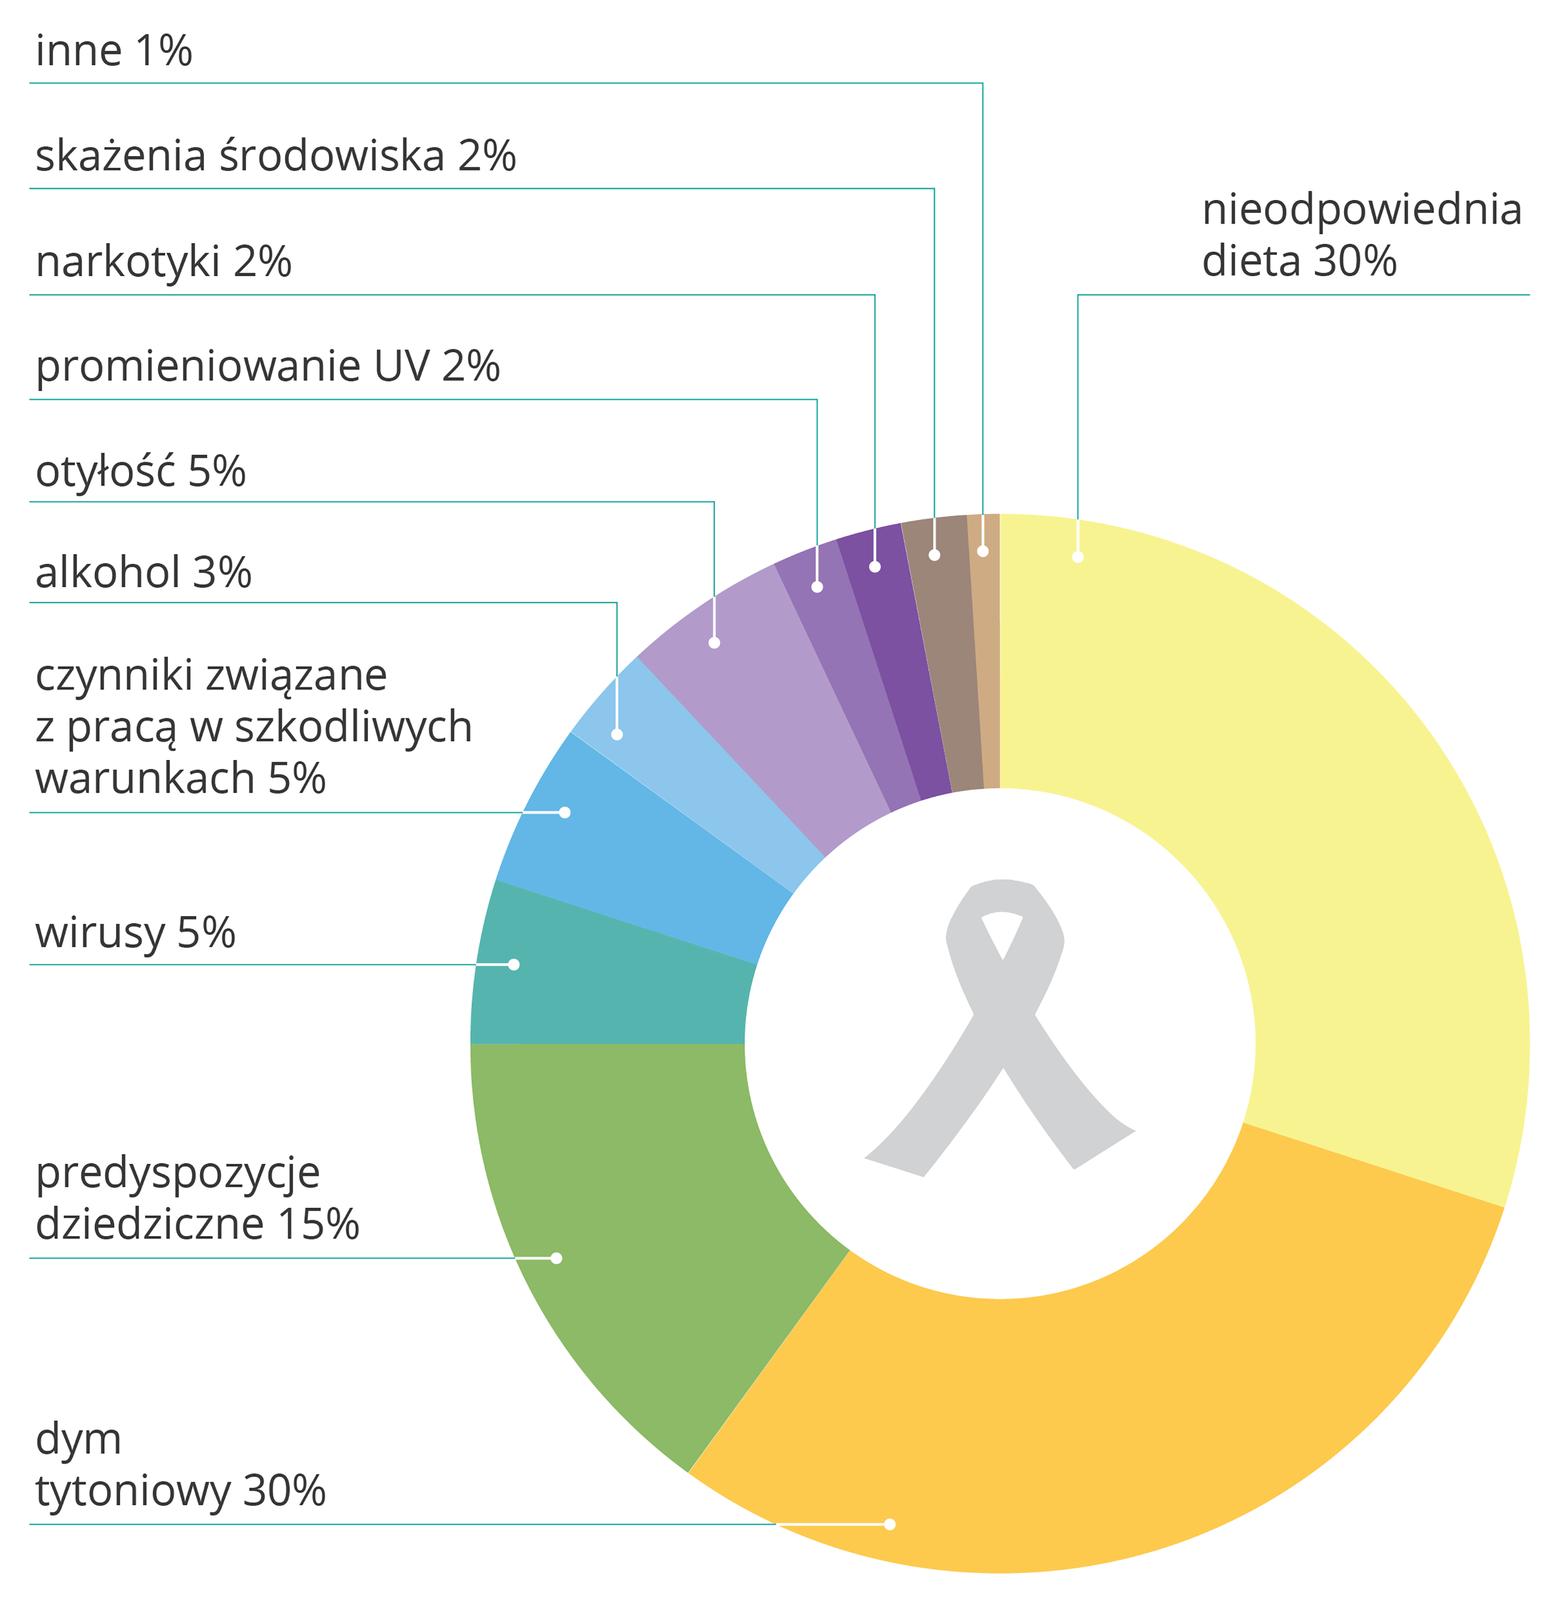 Ilustracja wformie diagramu pierścieniowego. Wewnątrz szary symbol wstążki – walki zrakiem. Poszczególne czynniki zwiększające ryzyko chorób nowotworowych zaznaczono różnymi kolorami. Największy udział procentowy mają kolejno: nieodpowiednia dieta ipalenie tytoniu (30 procent) zaznaczone wodcieniach żółci, predyspozycje dziedziczne (15 procent, kolor zielony). Najmniejsze ryzyko wiąże się ze skażeniem środowiska, promieniowaniem UV inarkotykami (po 2 procent).